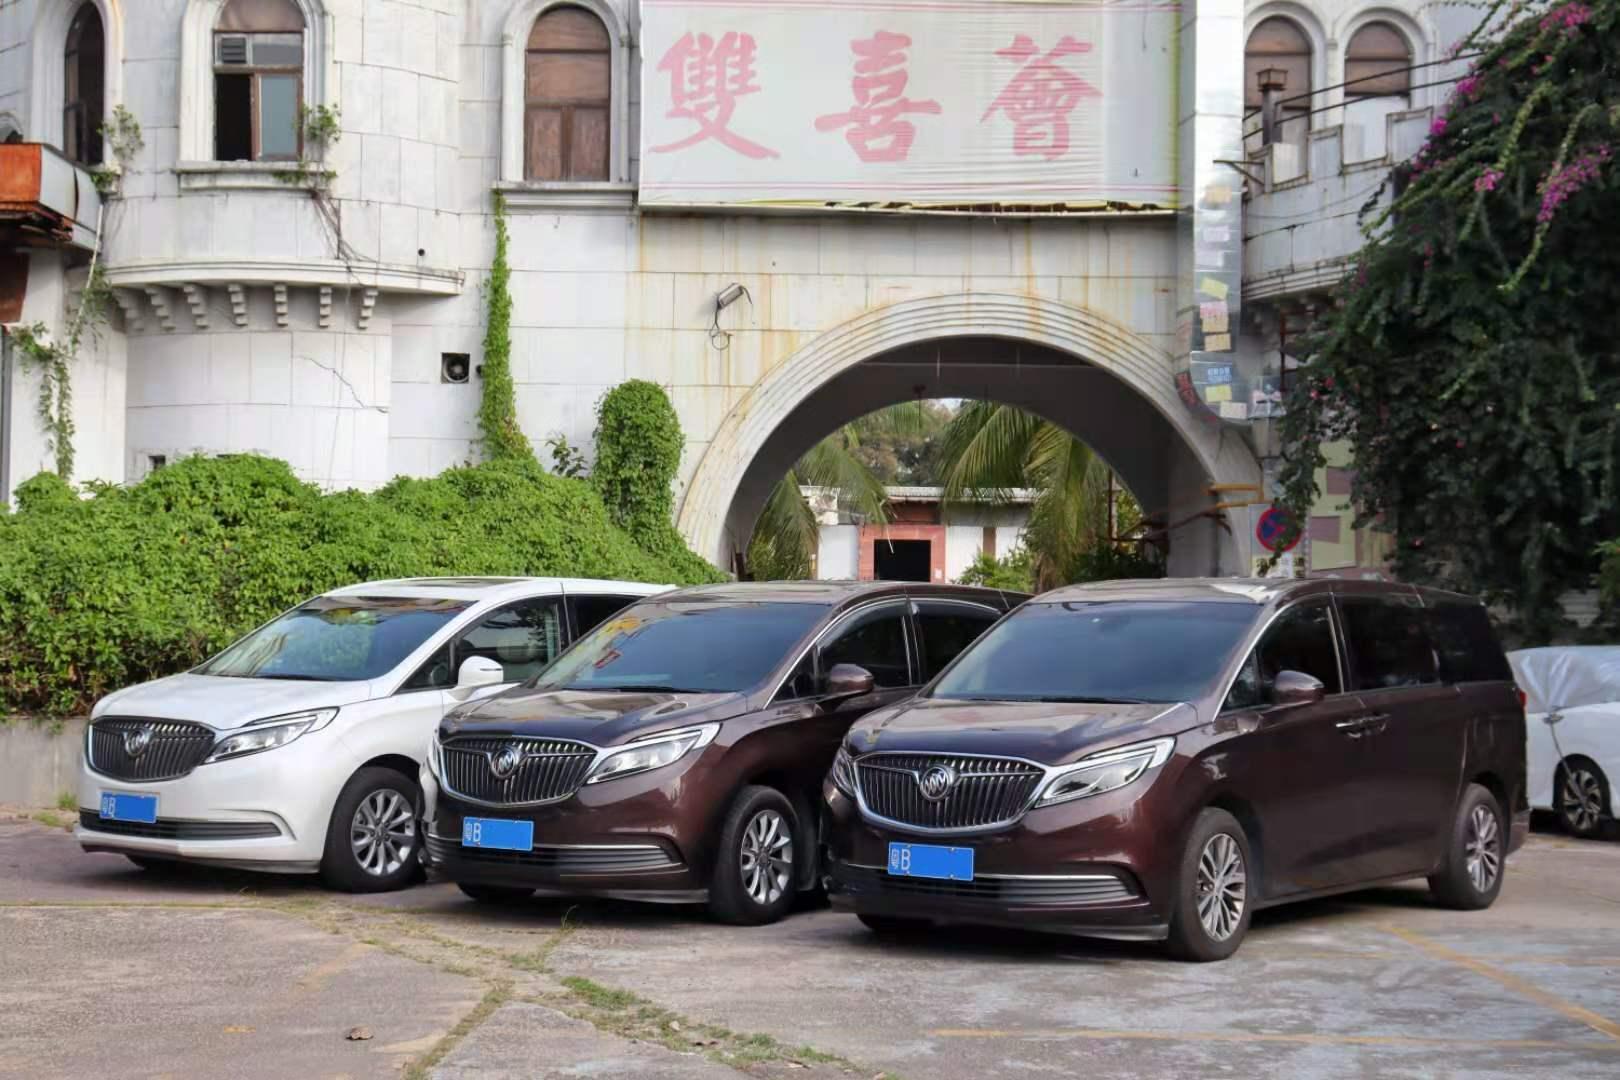 奥马租车别克GL8ES款改装升级豪华版现已上架租赁